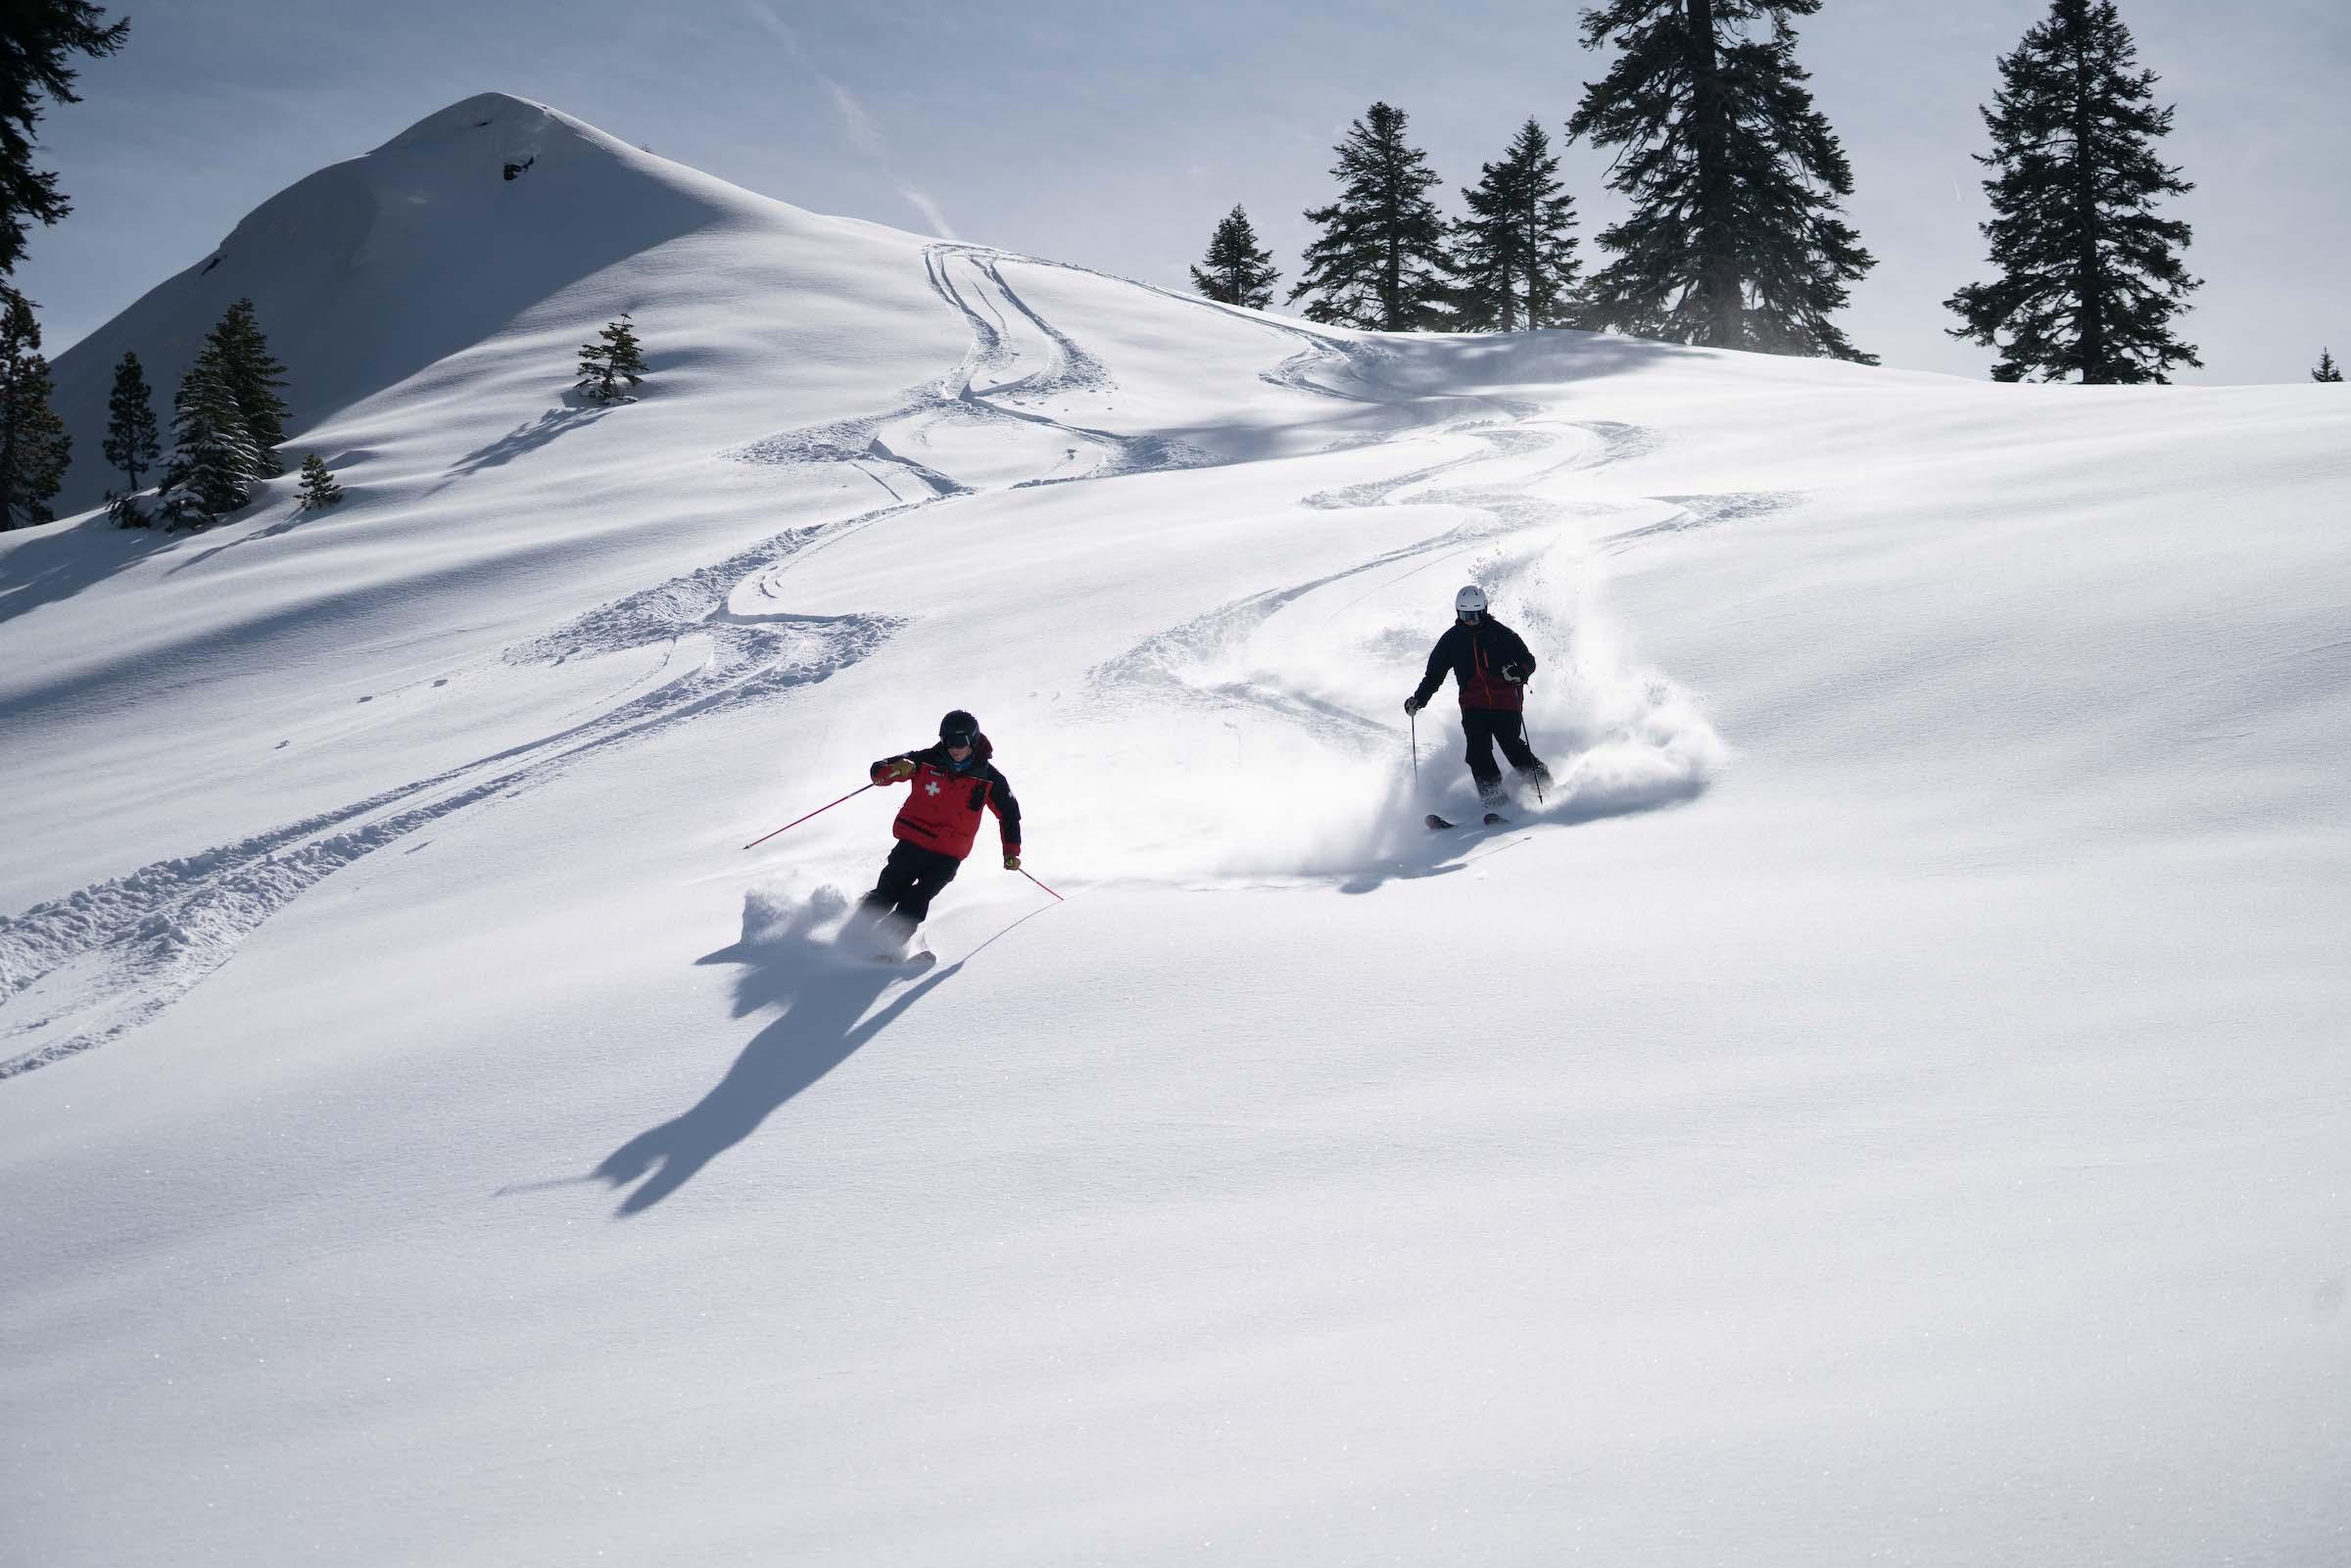 China Peak CA skiing